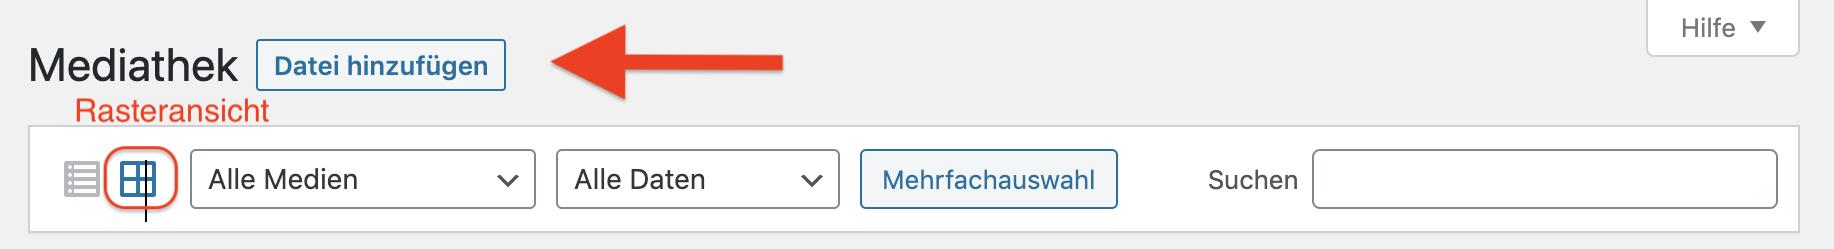 """Bildschirmfoto Kopfzeile Mediathek - Das Symbol für Rasteransicht ist hervorgehoben und ein roter Feil zeigt auf """"Datei hinzufügen"""""""